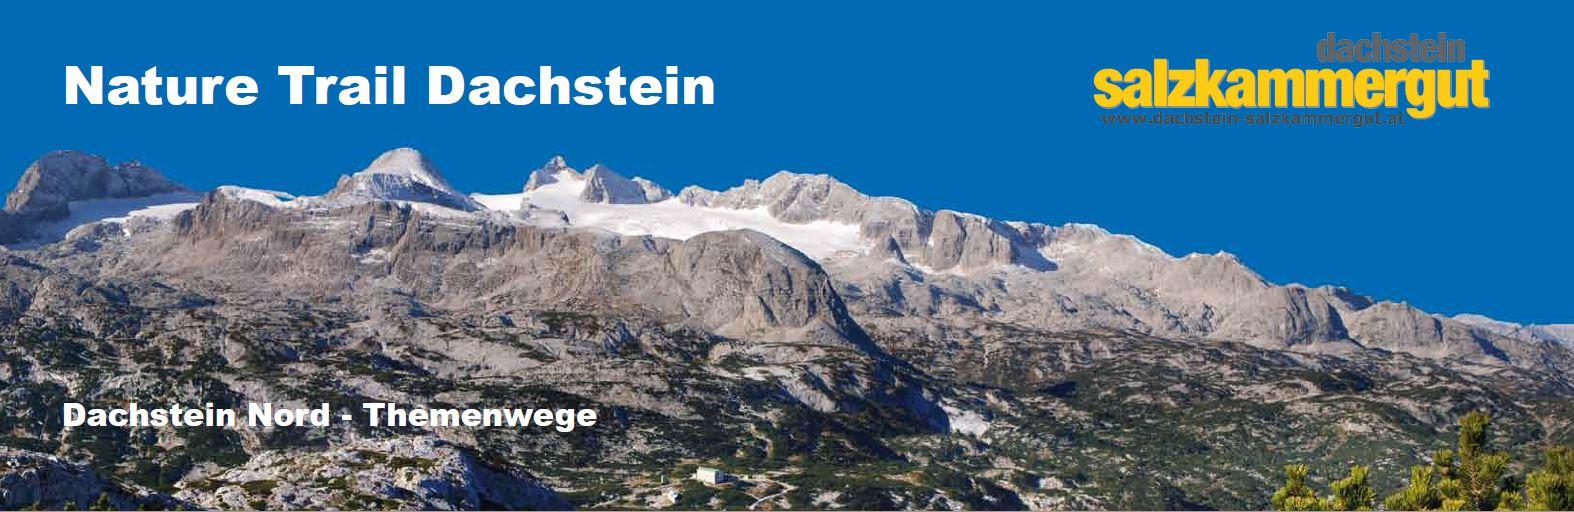 Folder Dachstein Nature Trail